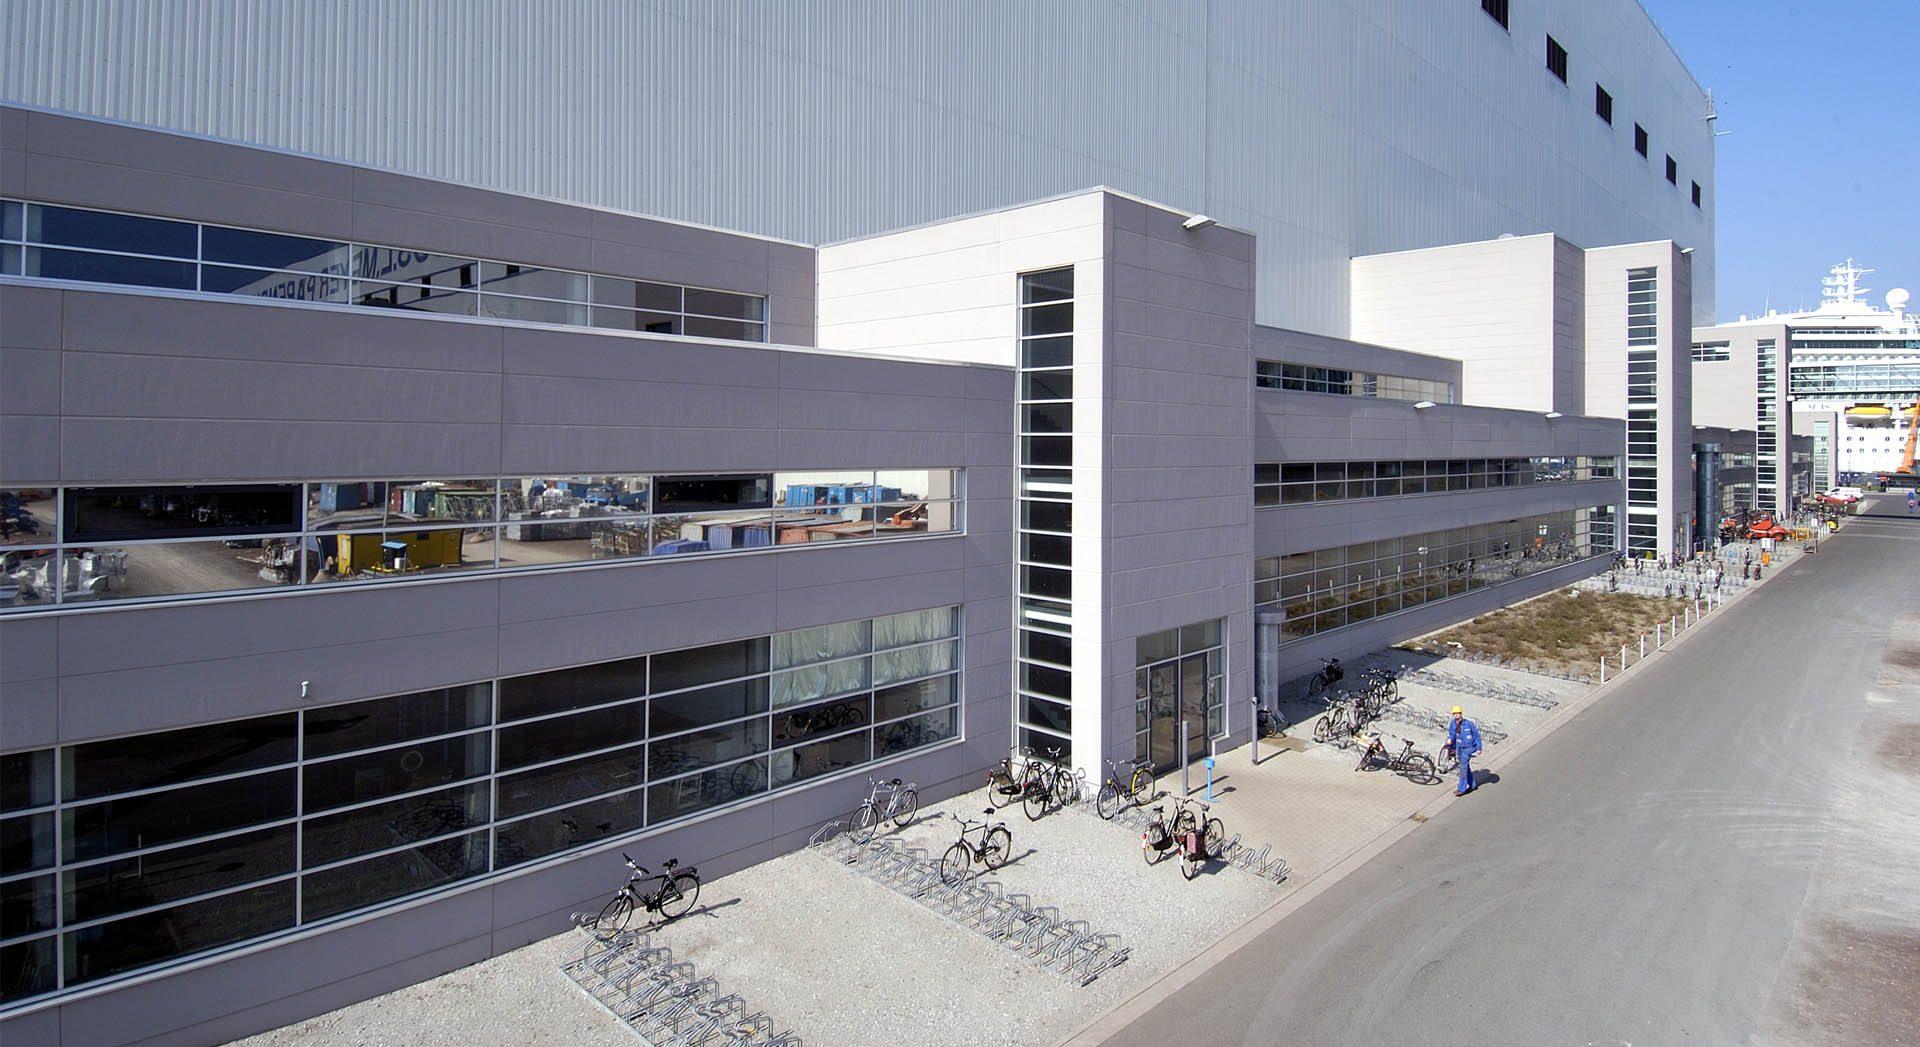 Architektur; Industriearchitektur; Gewerbearchitektur; Porenbeton Fassade; Neubau; Meyer Werft; Verwaltungsgebäude; Brücke verglast;